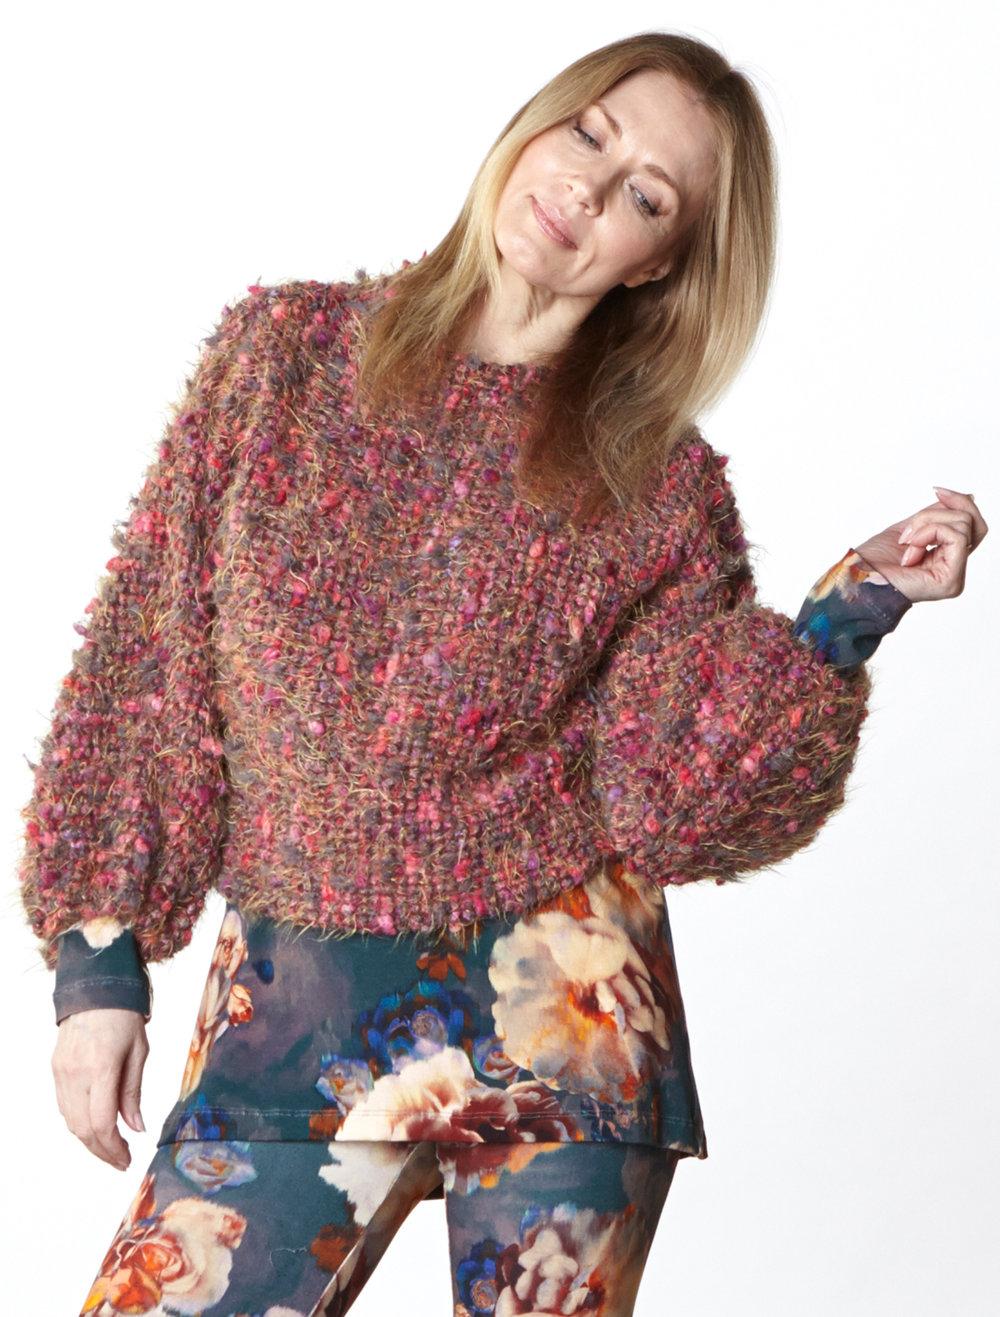 Anna Shirt in Fuchsia Italian Boucle, Gabo Tunic, Legging in Fiori Italian Print Jersey